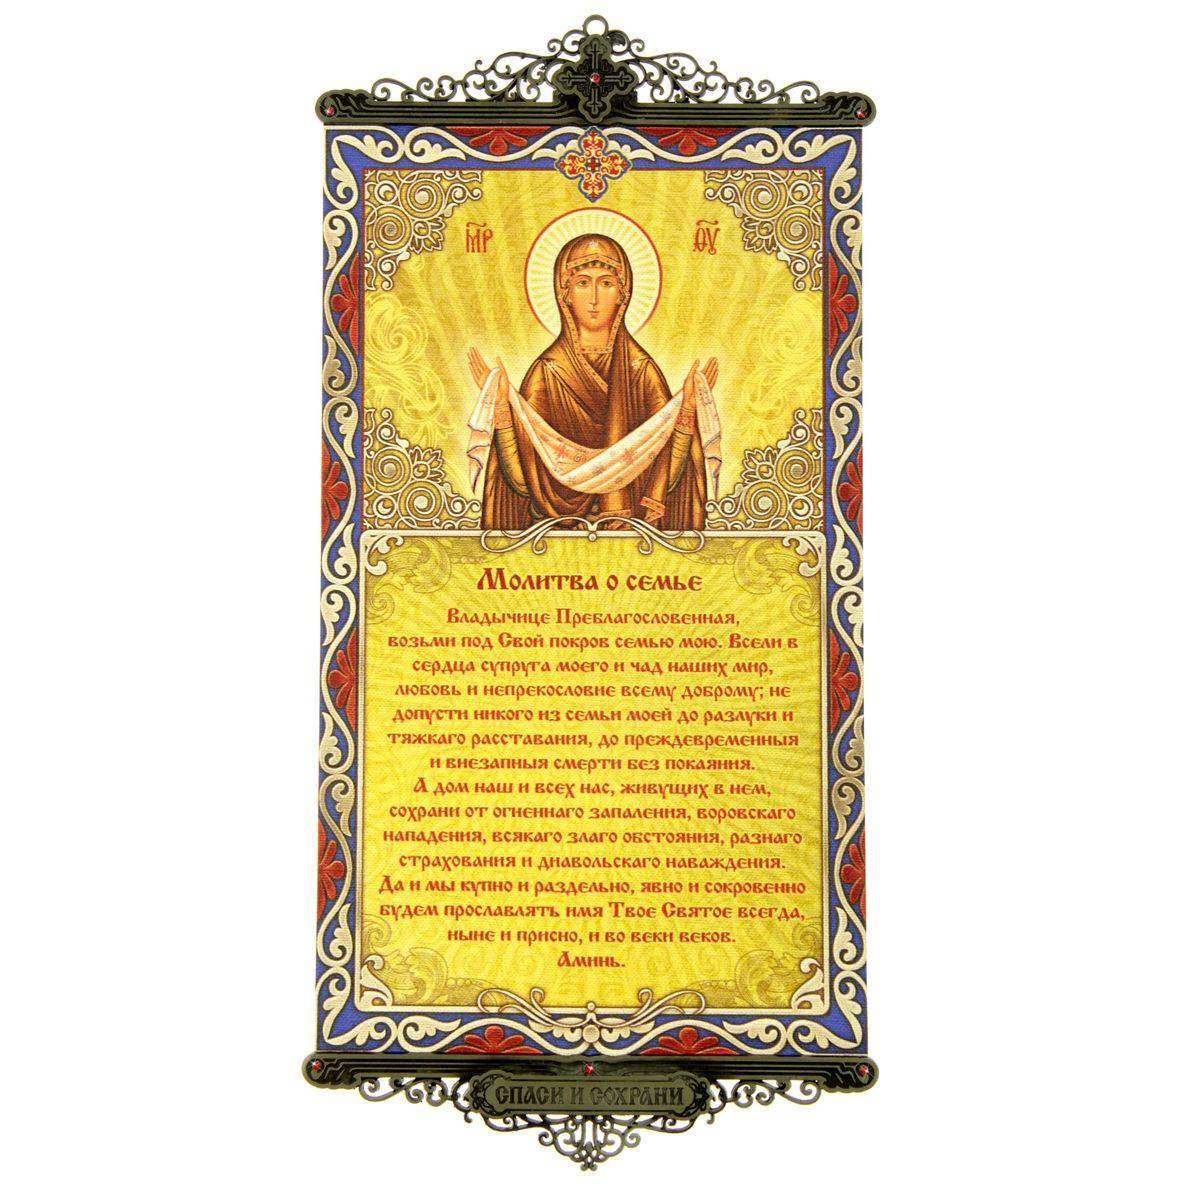 Икона с молитвой Молитва о семье, на подвесах98293777Икона с молитвой Молитва о семье выполнена из плотного текстиля с нанесенным цветным рисунком, края декорированы ажурными металлическими вставками со стразами. Цветовая гамма и интерьер влияют на настроение каждого, именно поэтому так важны детали, которые нас окружают. Знатоки интерьерных решений стараются применять самые разнообразные решения при художественном оформлении внутреннего пространства и использовать все возможные материалы. Икона с молитвой на подвесах - это хорошее решение для интерьера по выгодной цене!